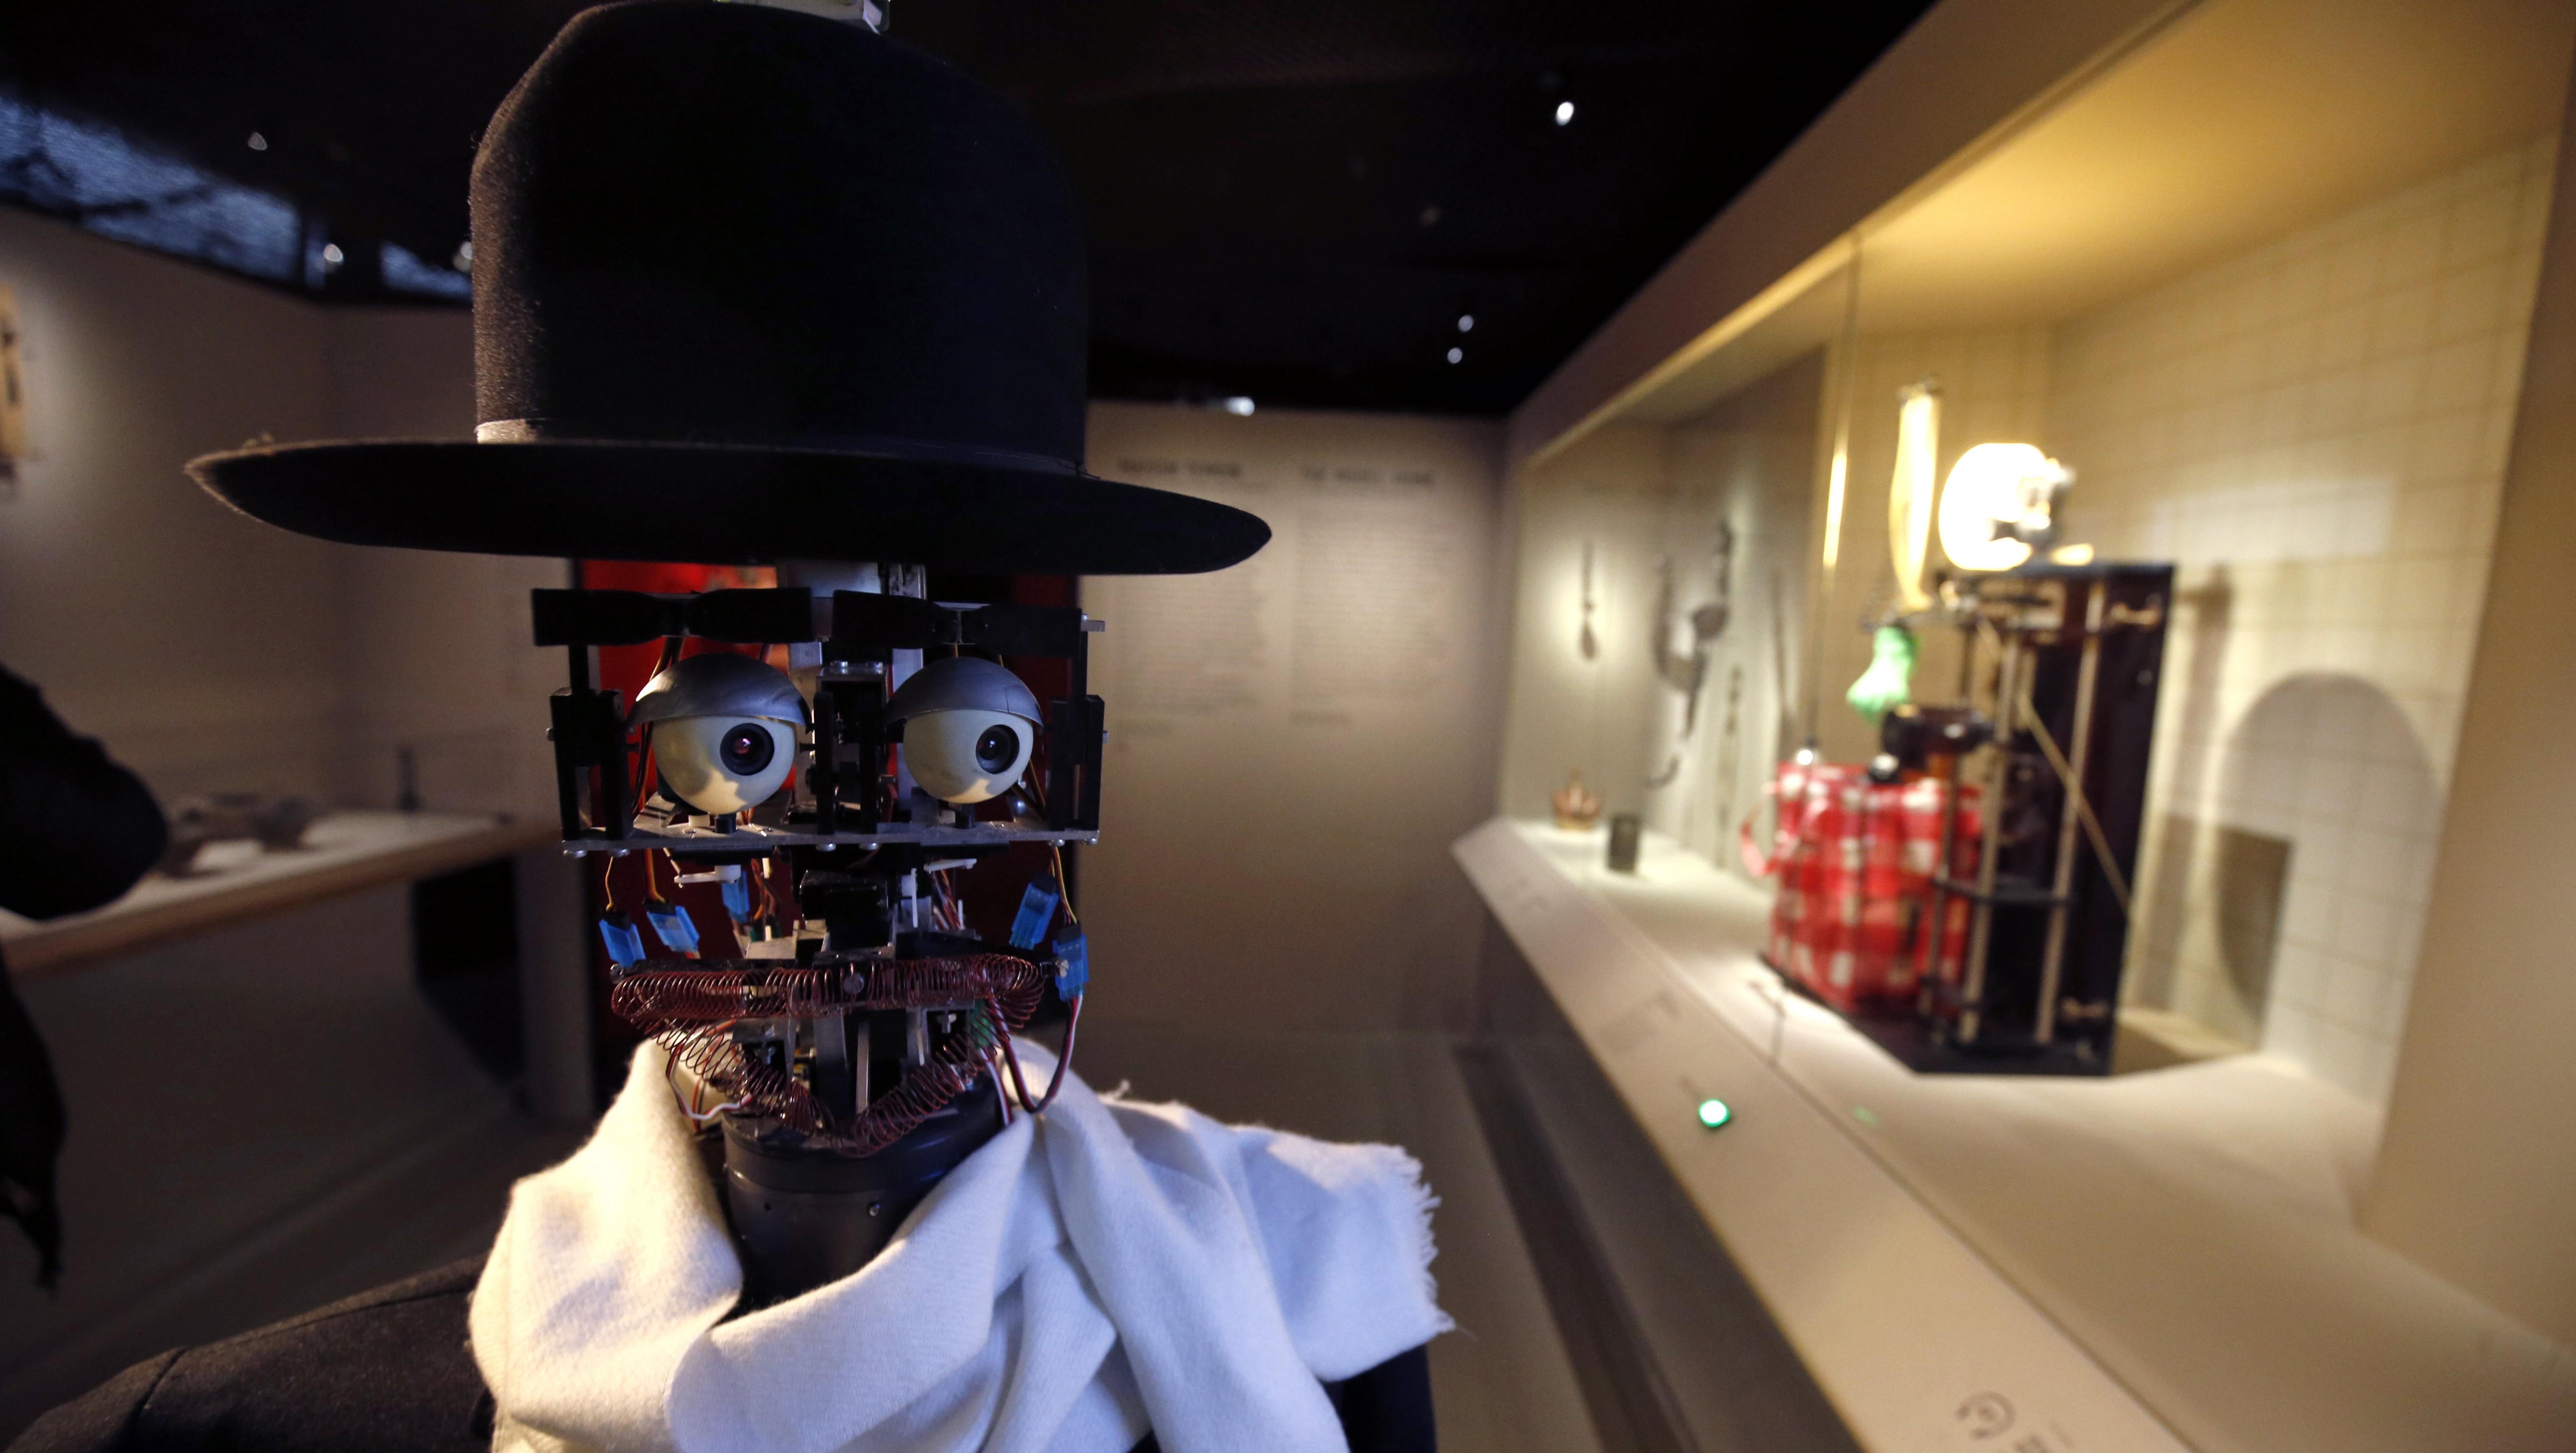 Berenson robot art critic